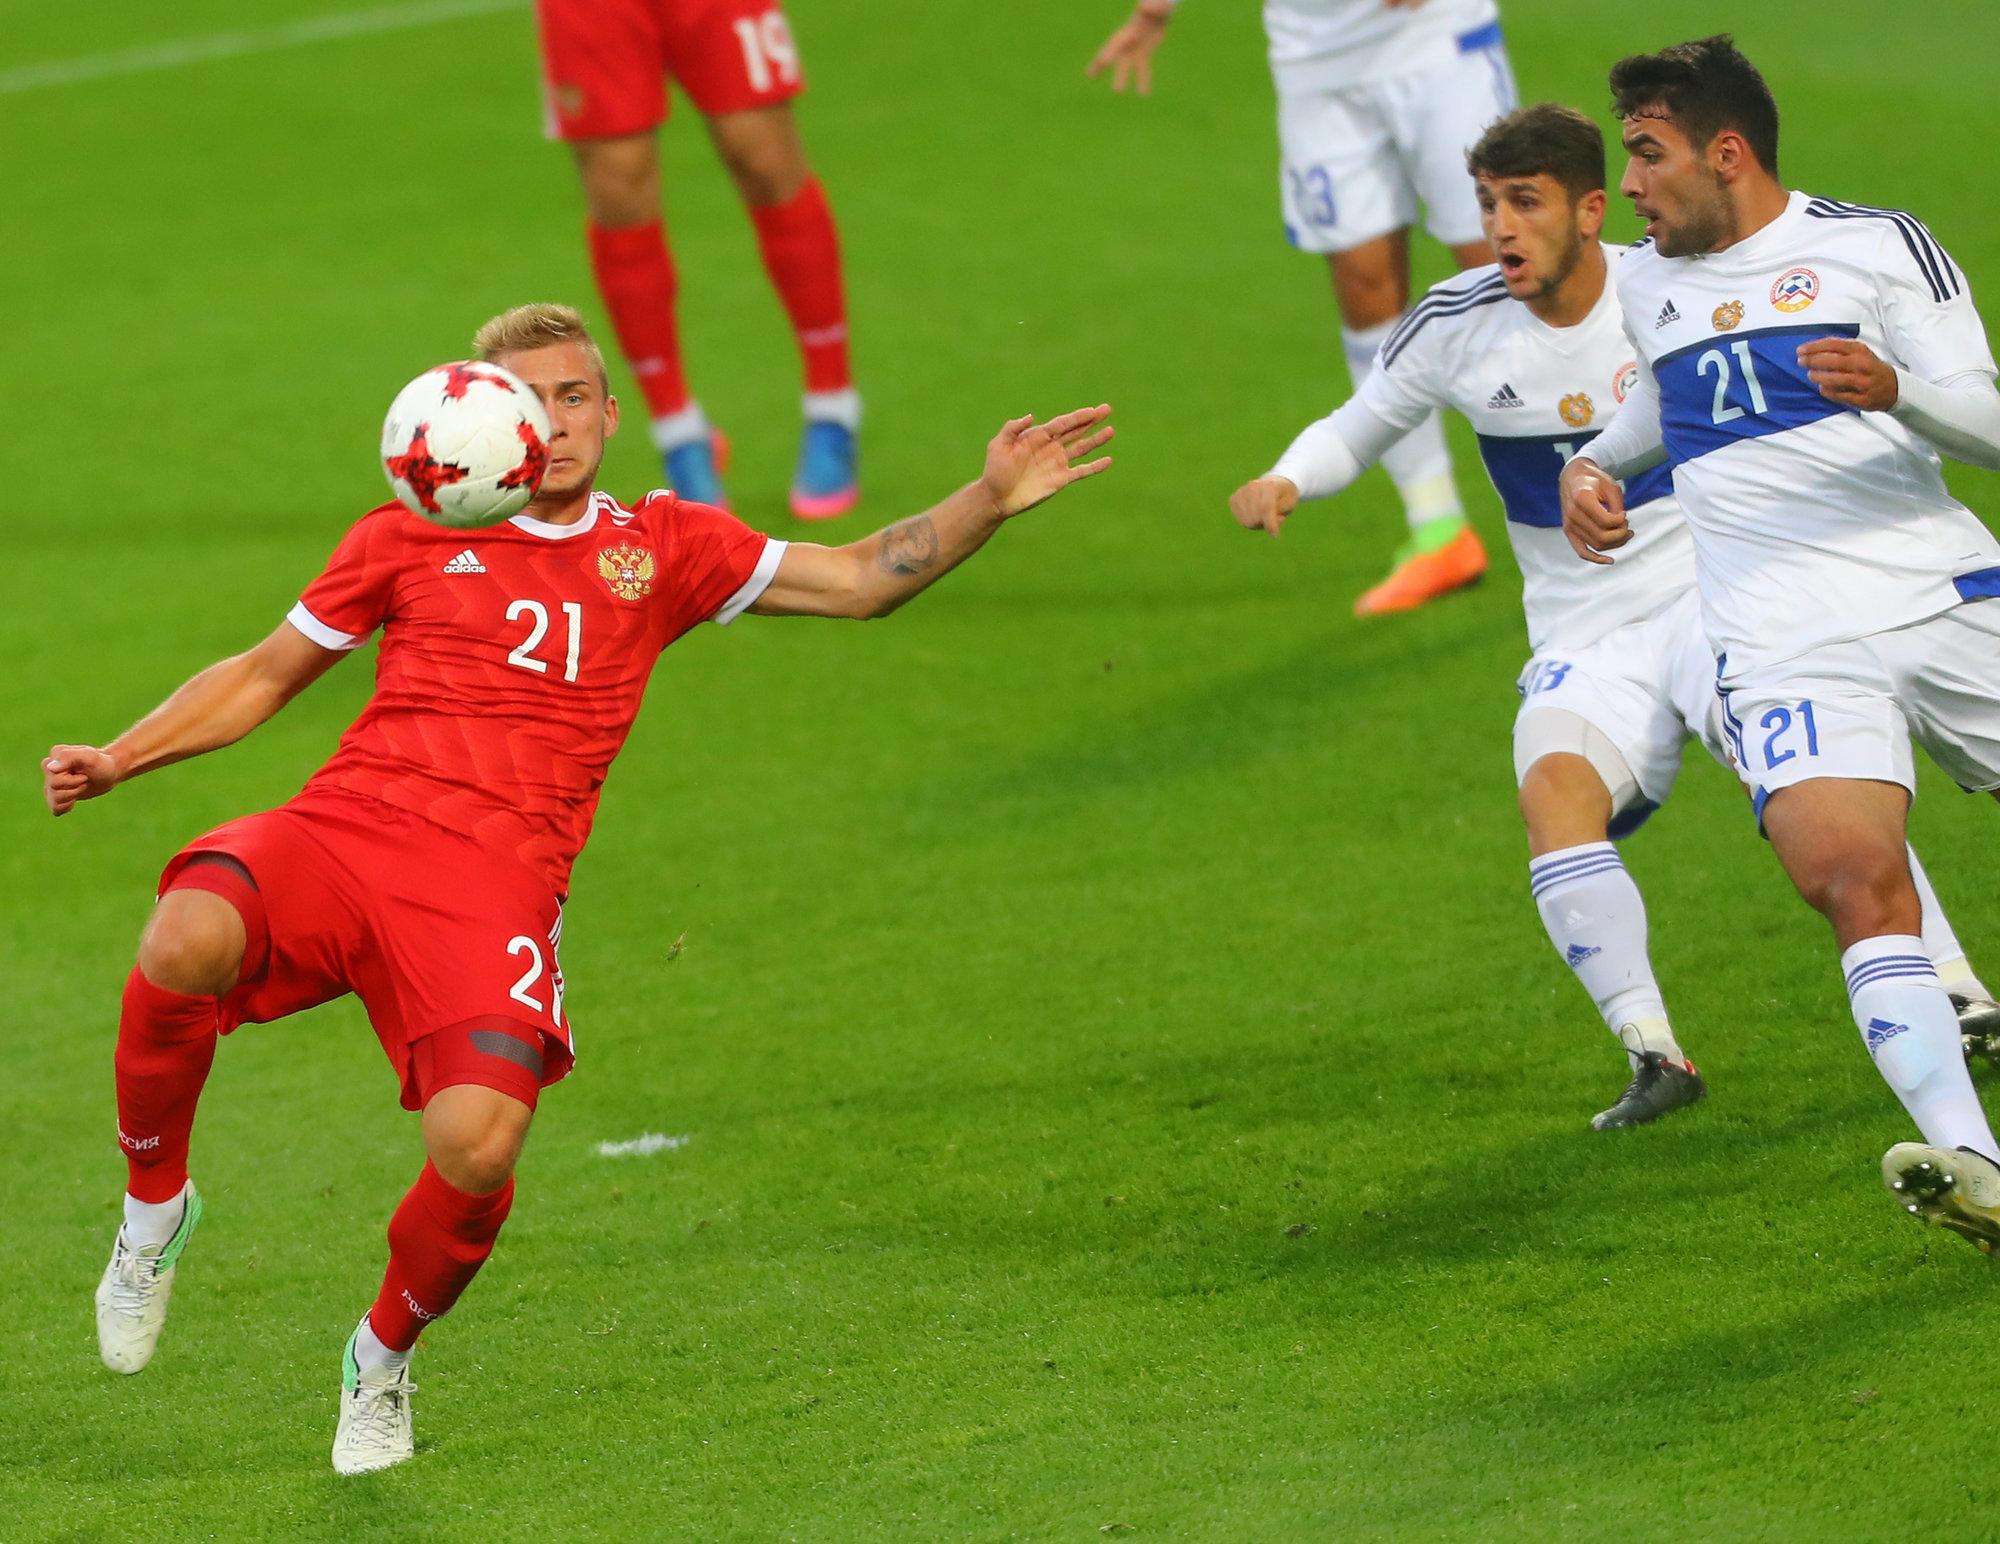 Отбор на Евро-2017 (U-21). Победы Норвегии и Греции, осечка Голландии и др.матчи (обновляется)